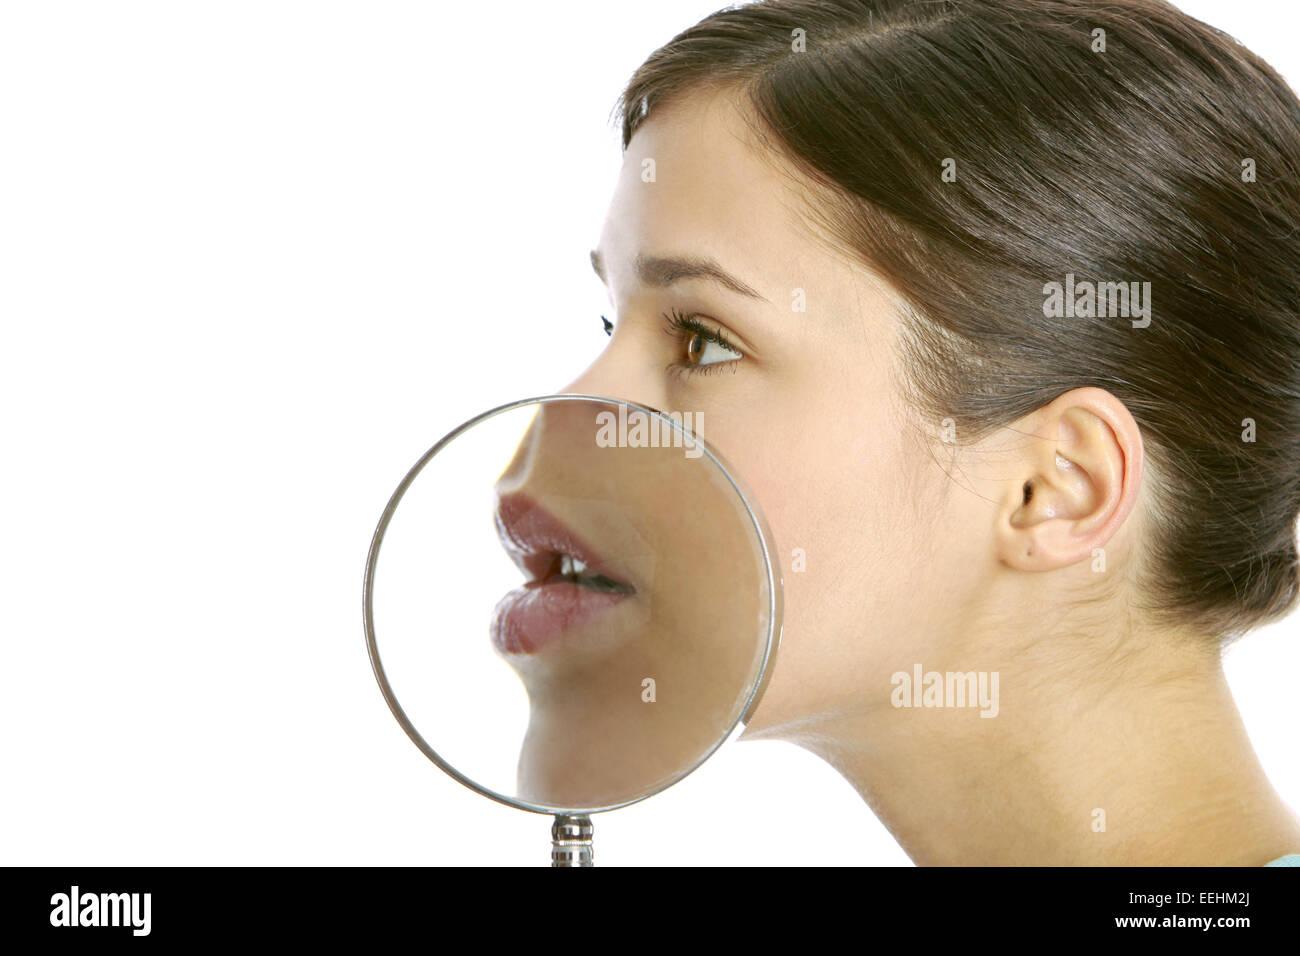 Frau, Jung, Blick Kamera, Portrait, 20-30 Jahre, Dunkelhaarig, Mit gröberen Lupe (Modellfreigabe) Stockbild